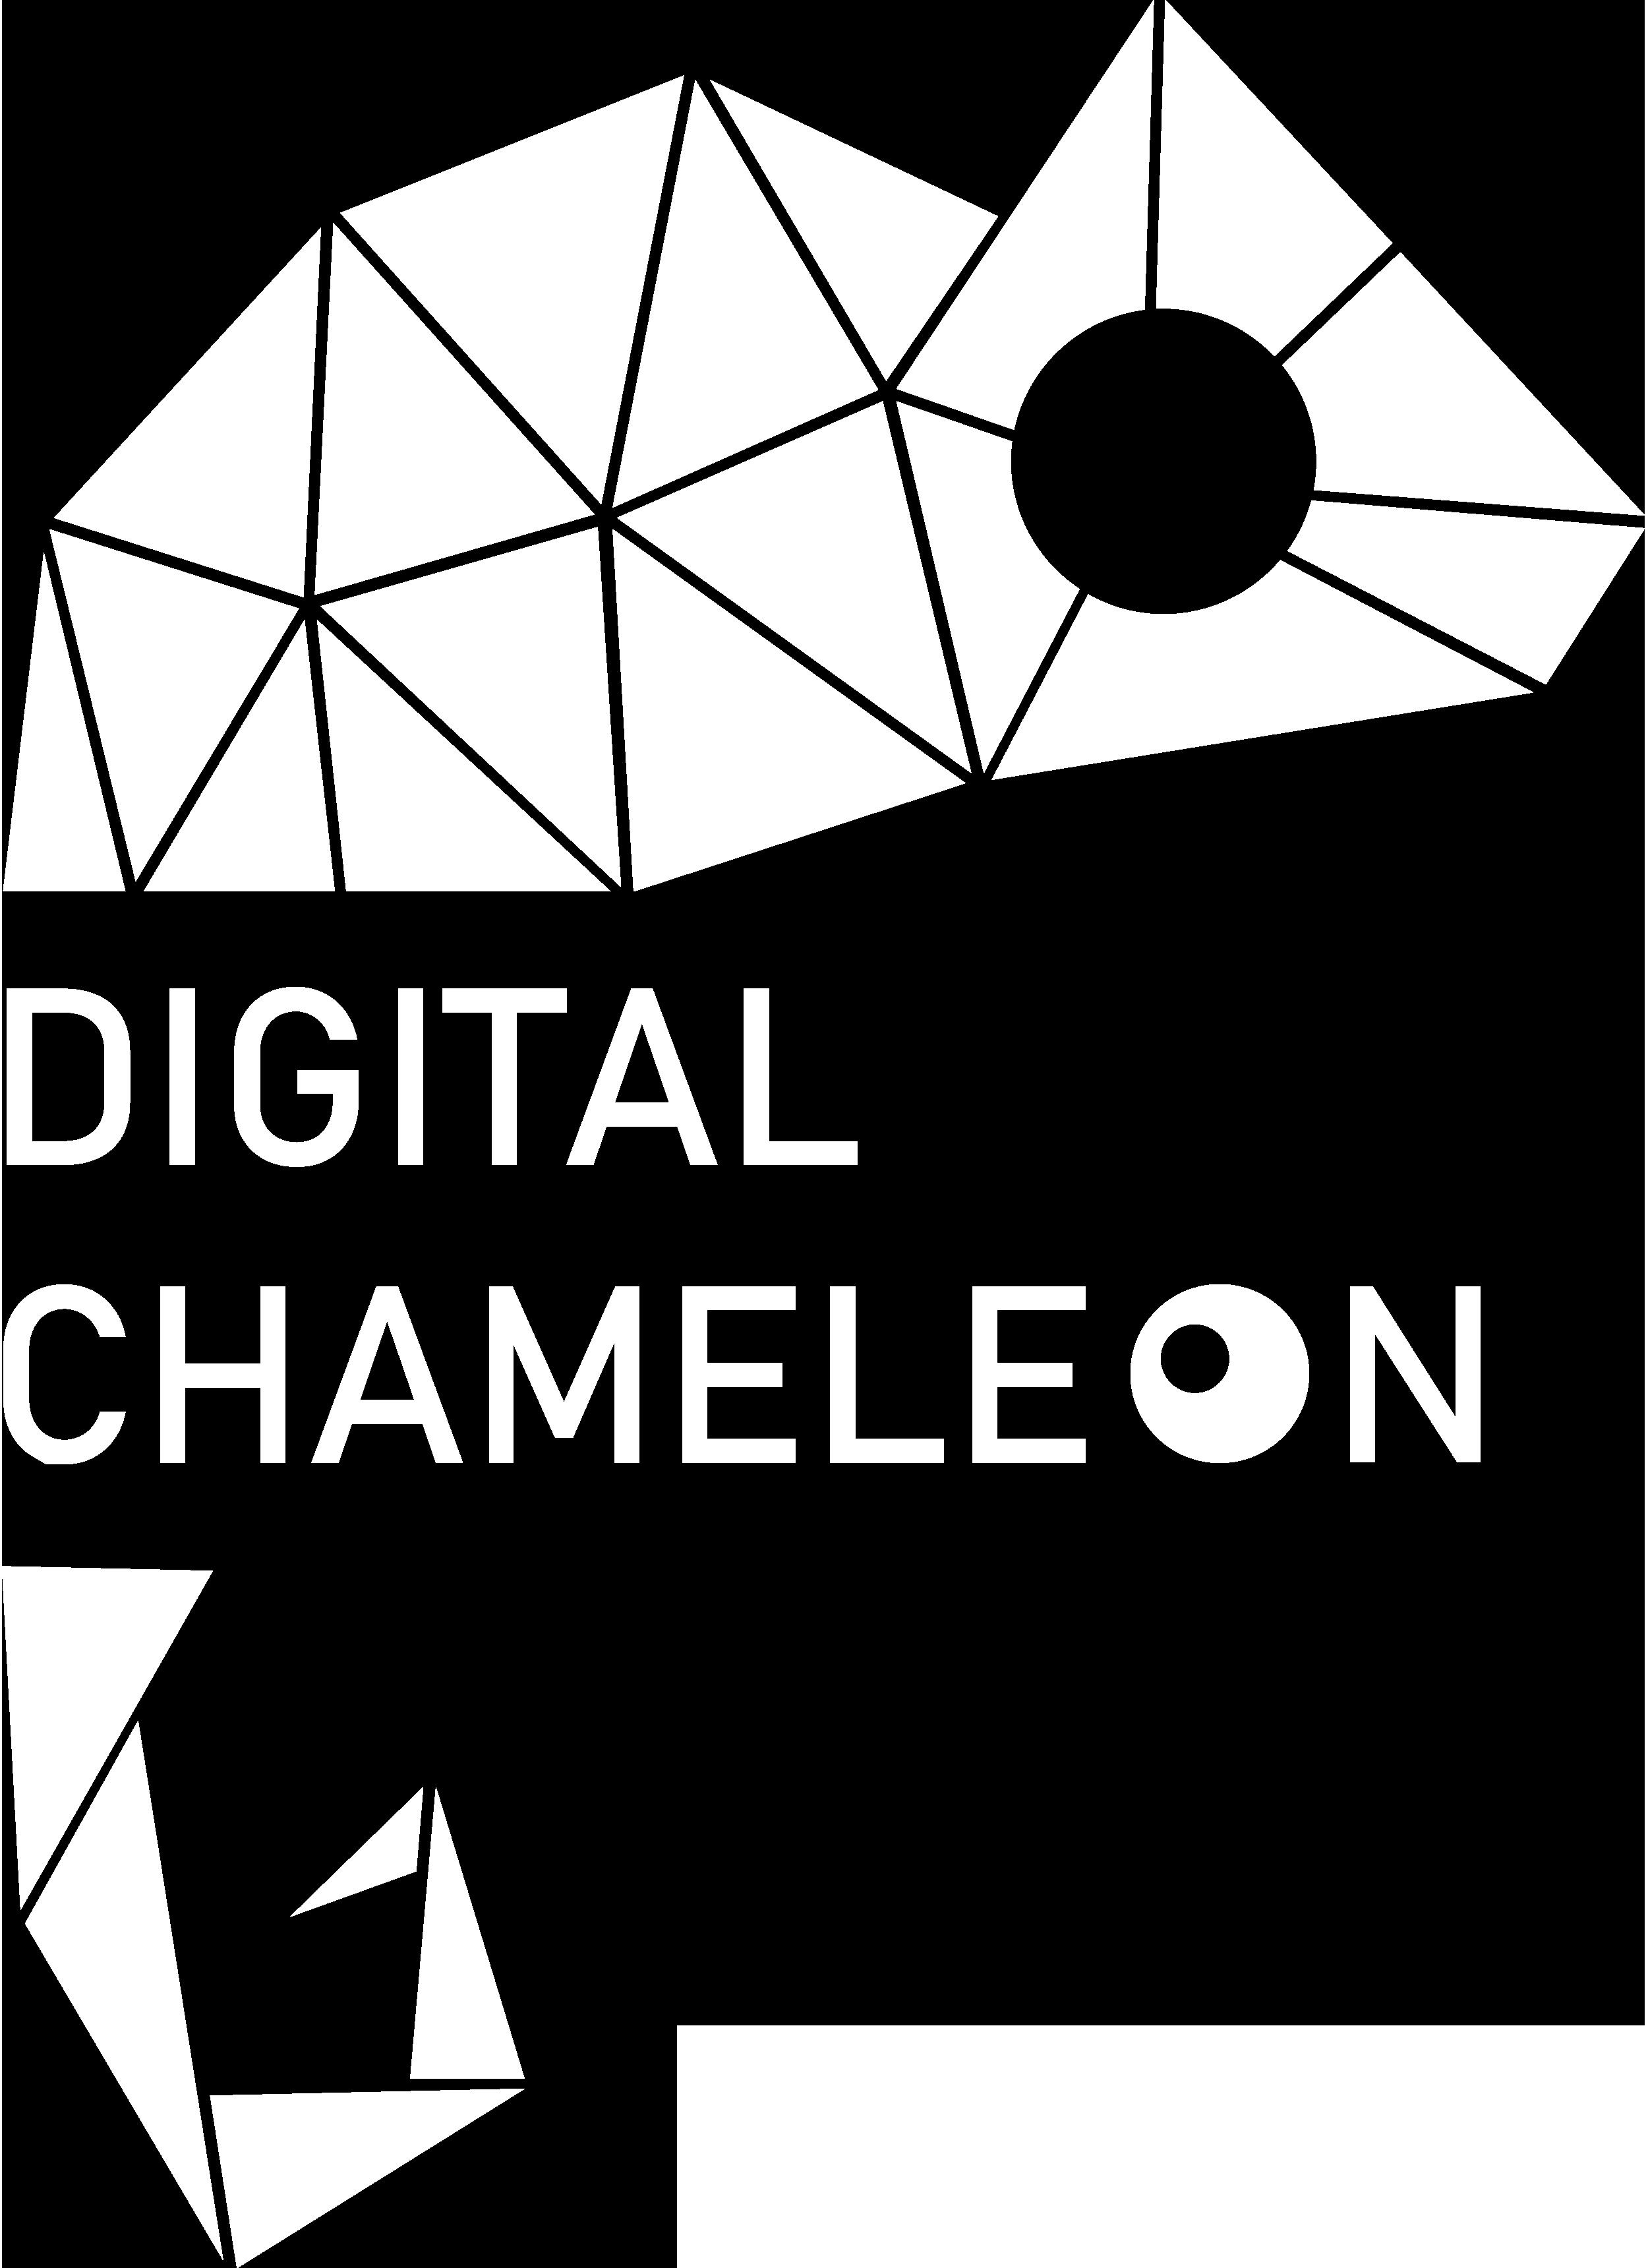 Digital-Chameleon-Invert